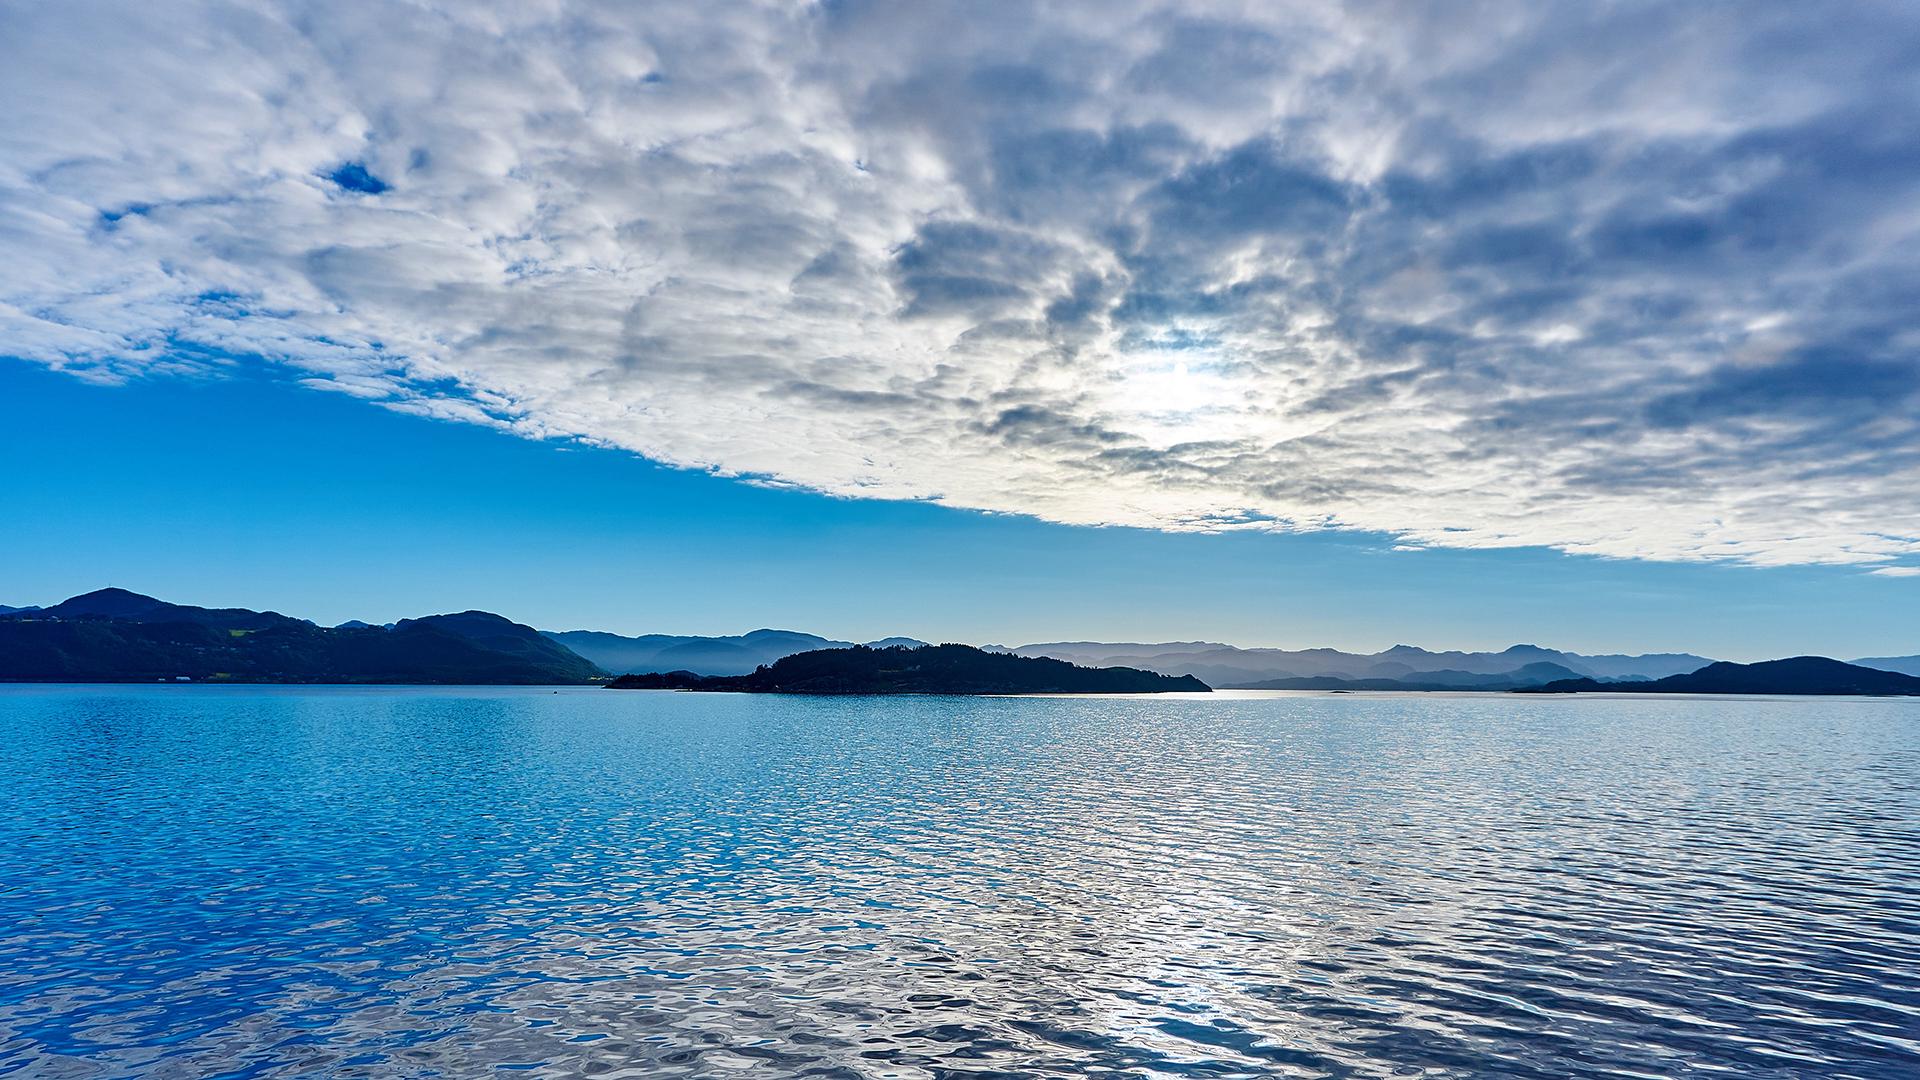 世界上最深的湖泊自然风景搜狗桌面壁纸大全